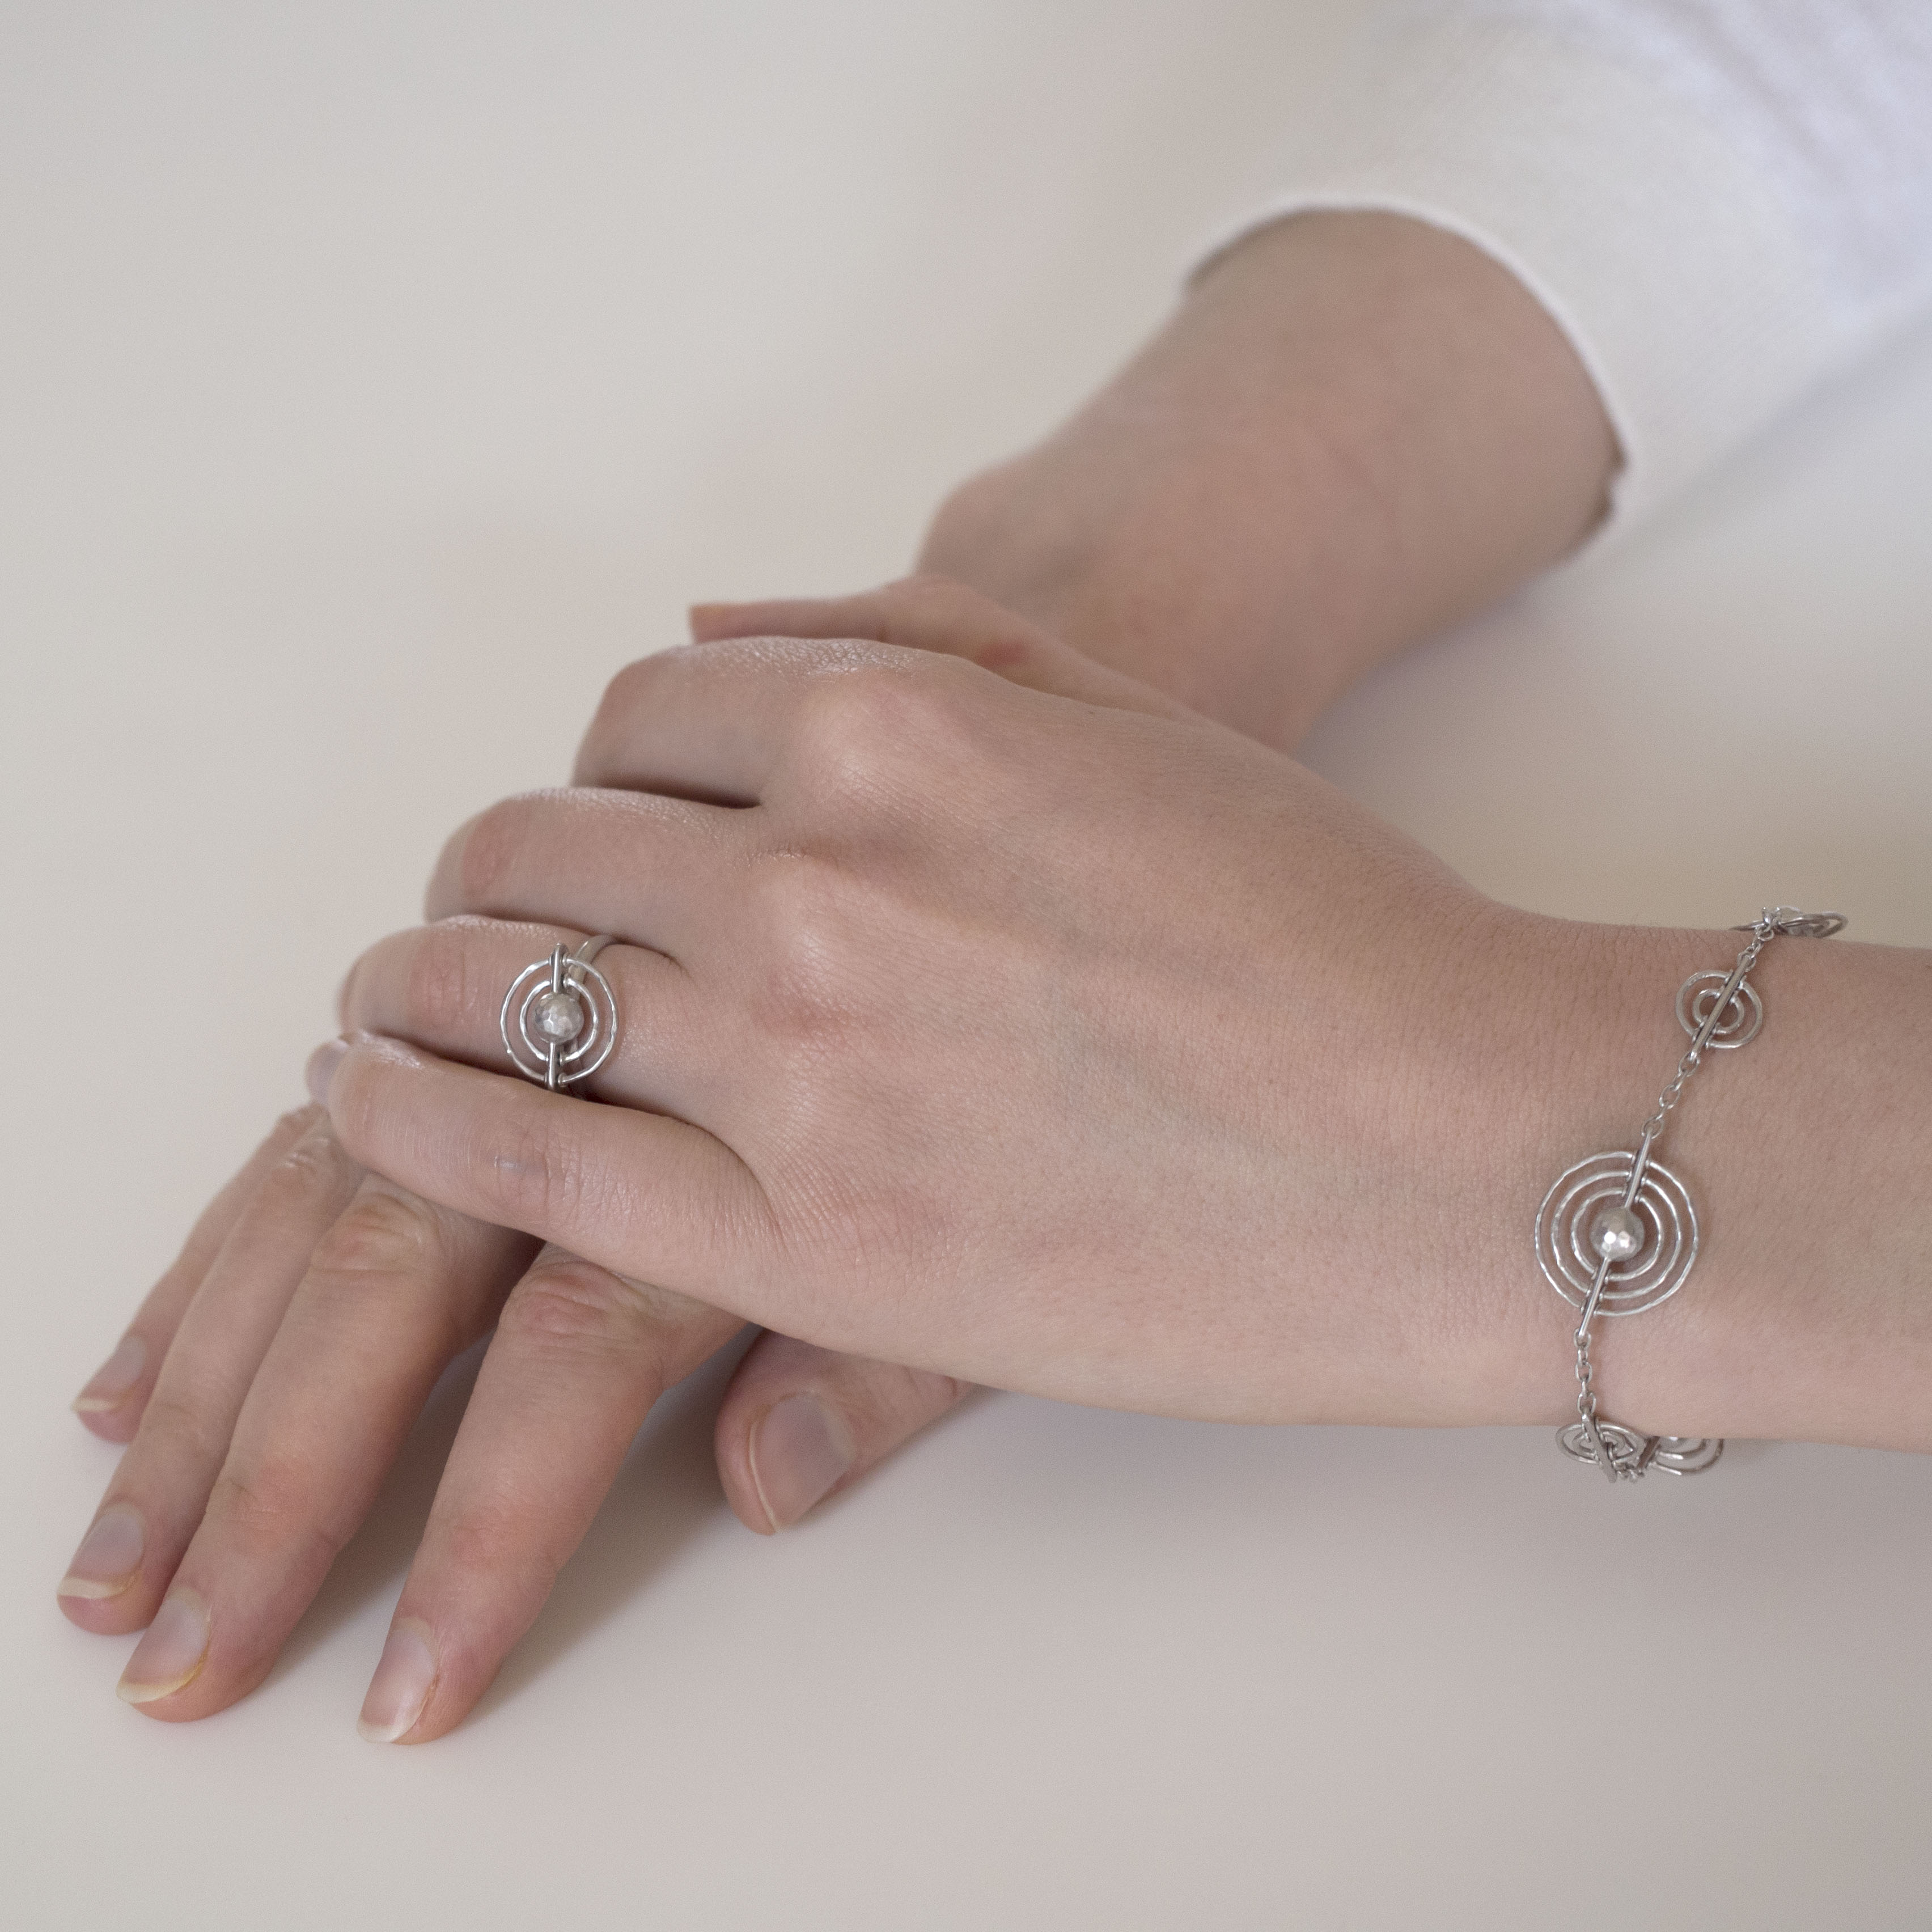 330100-925 flutter ring OM a + bracelet crop